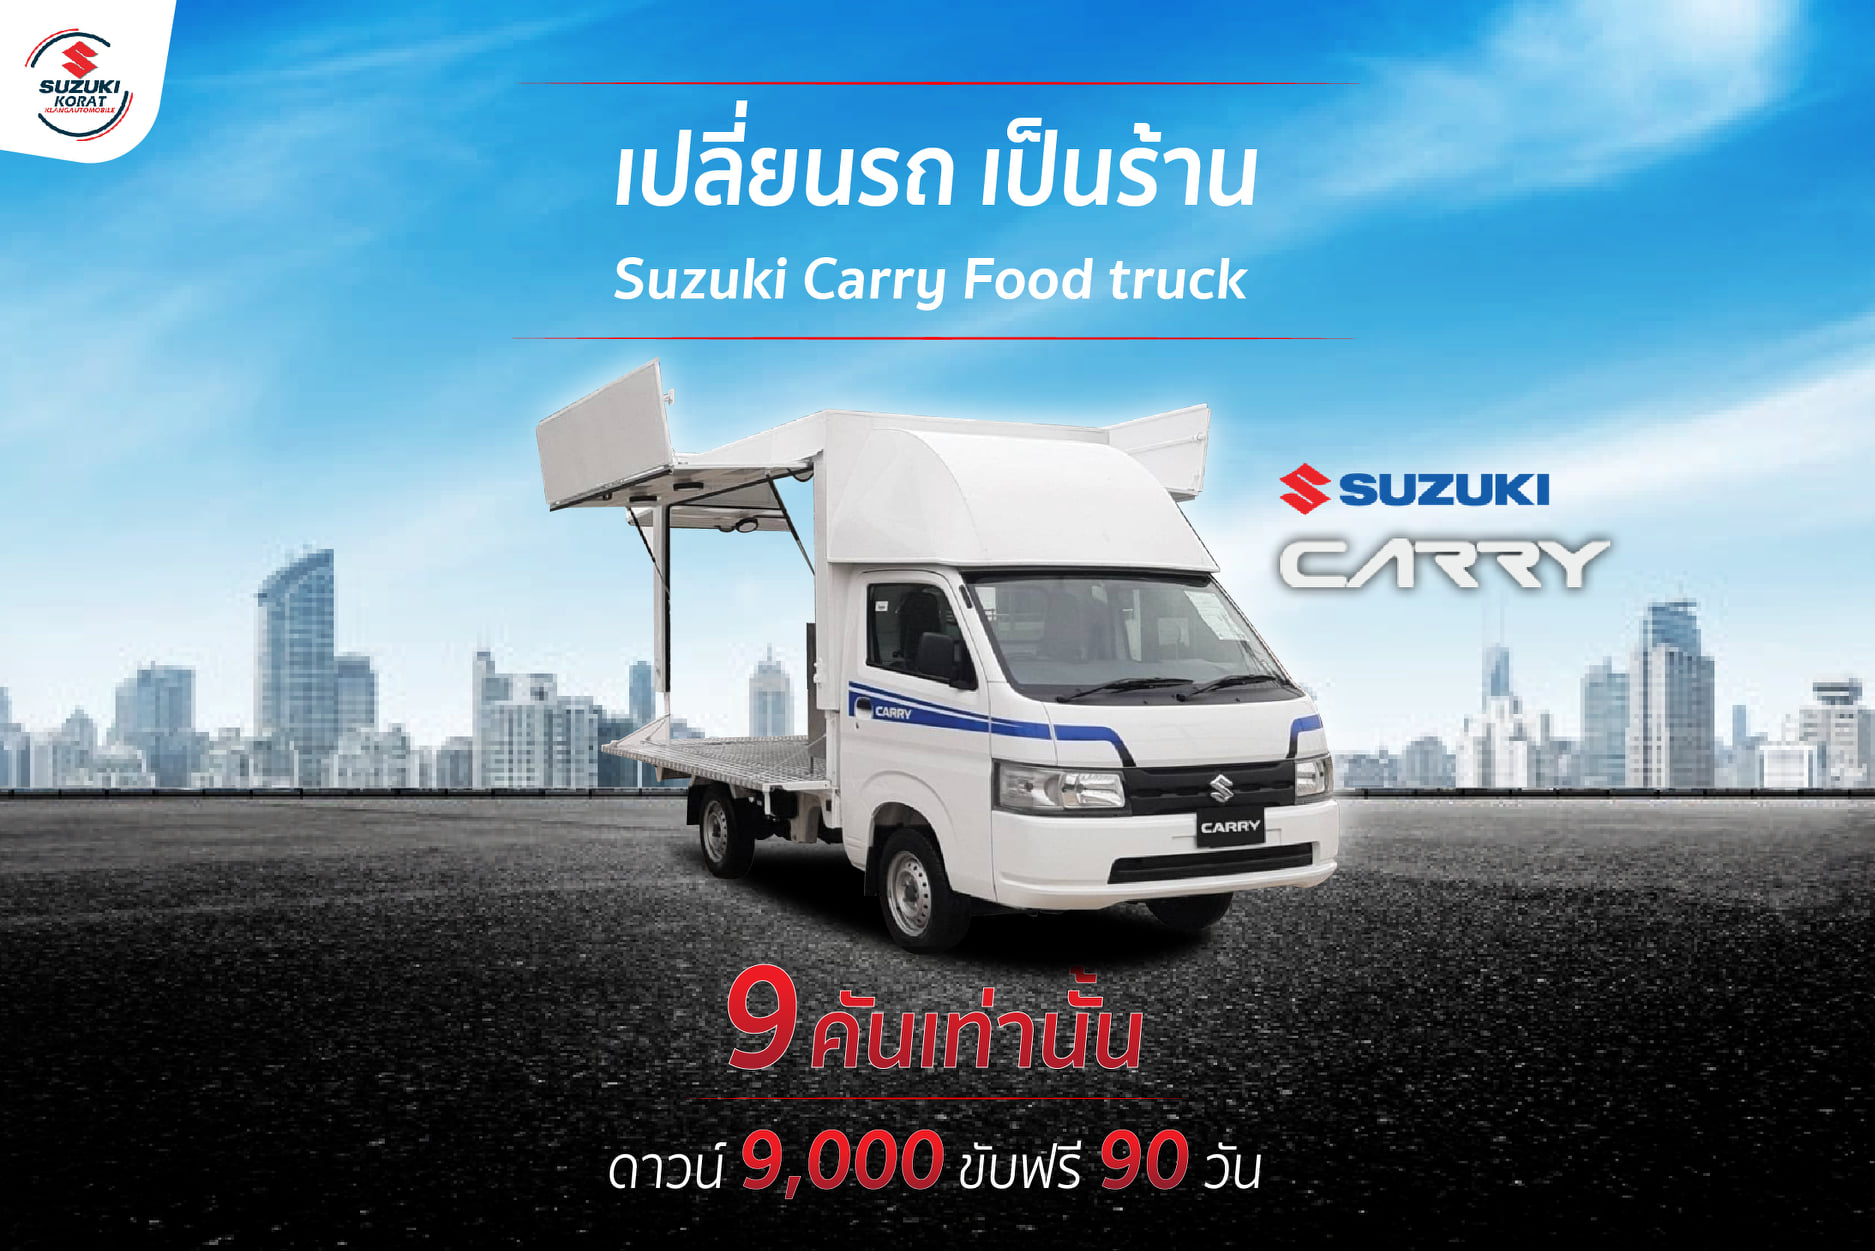 เปลี่ยนรถ เป็นร้าน Suzuki Carry Food truck